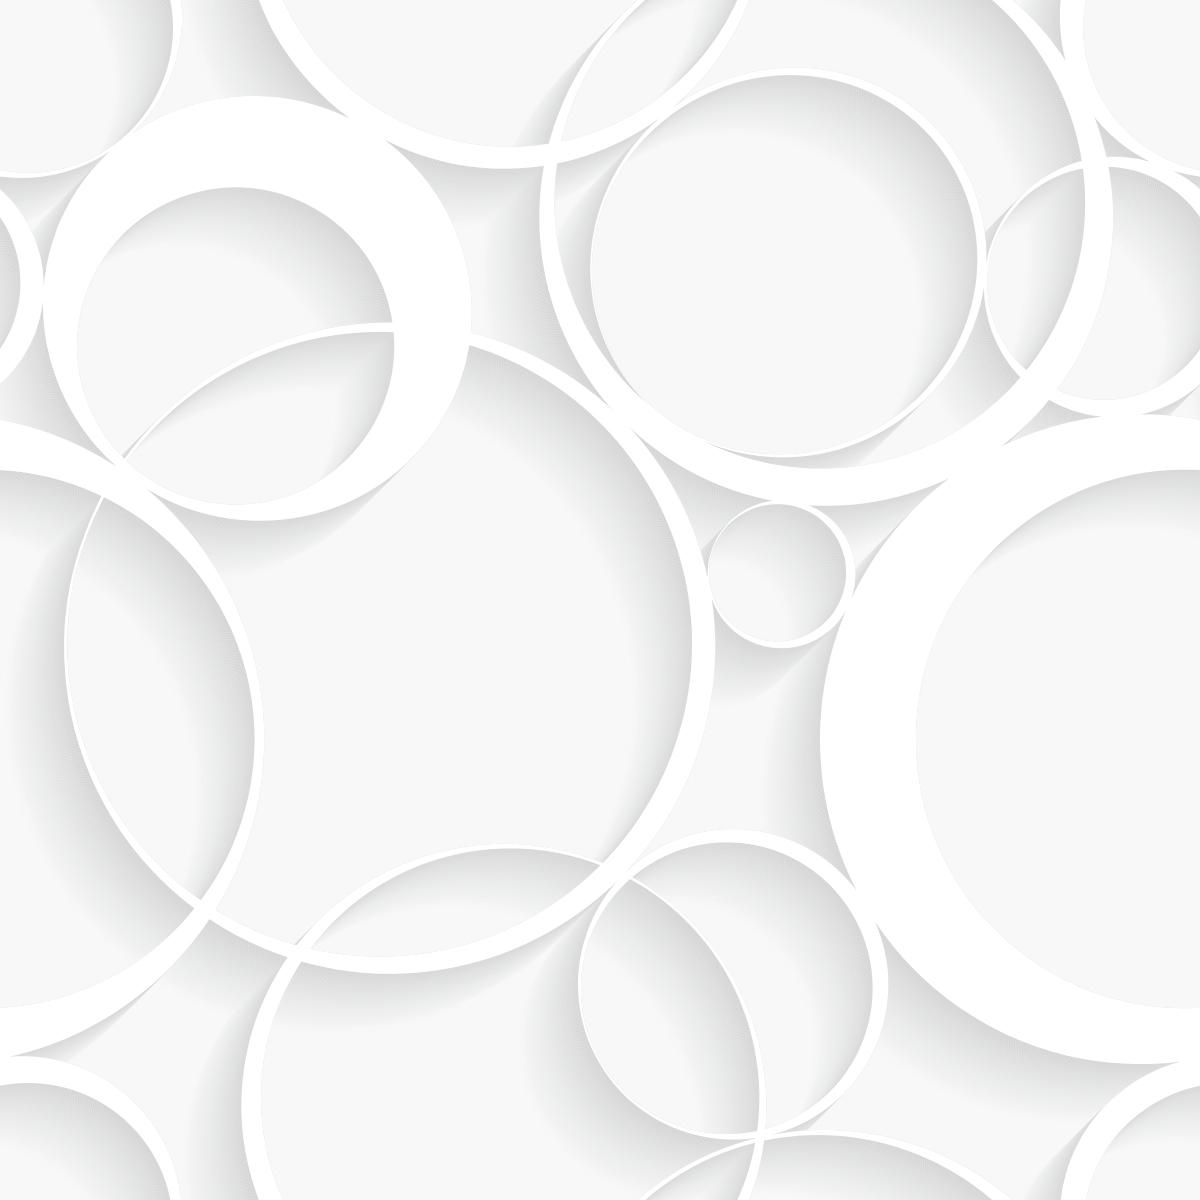 Papel de Parede 3D Círculos Bolas Adesivo